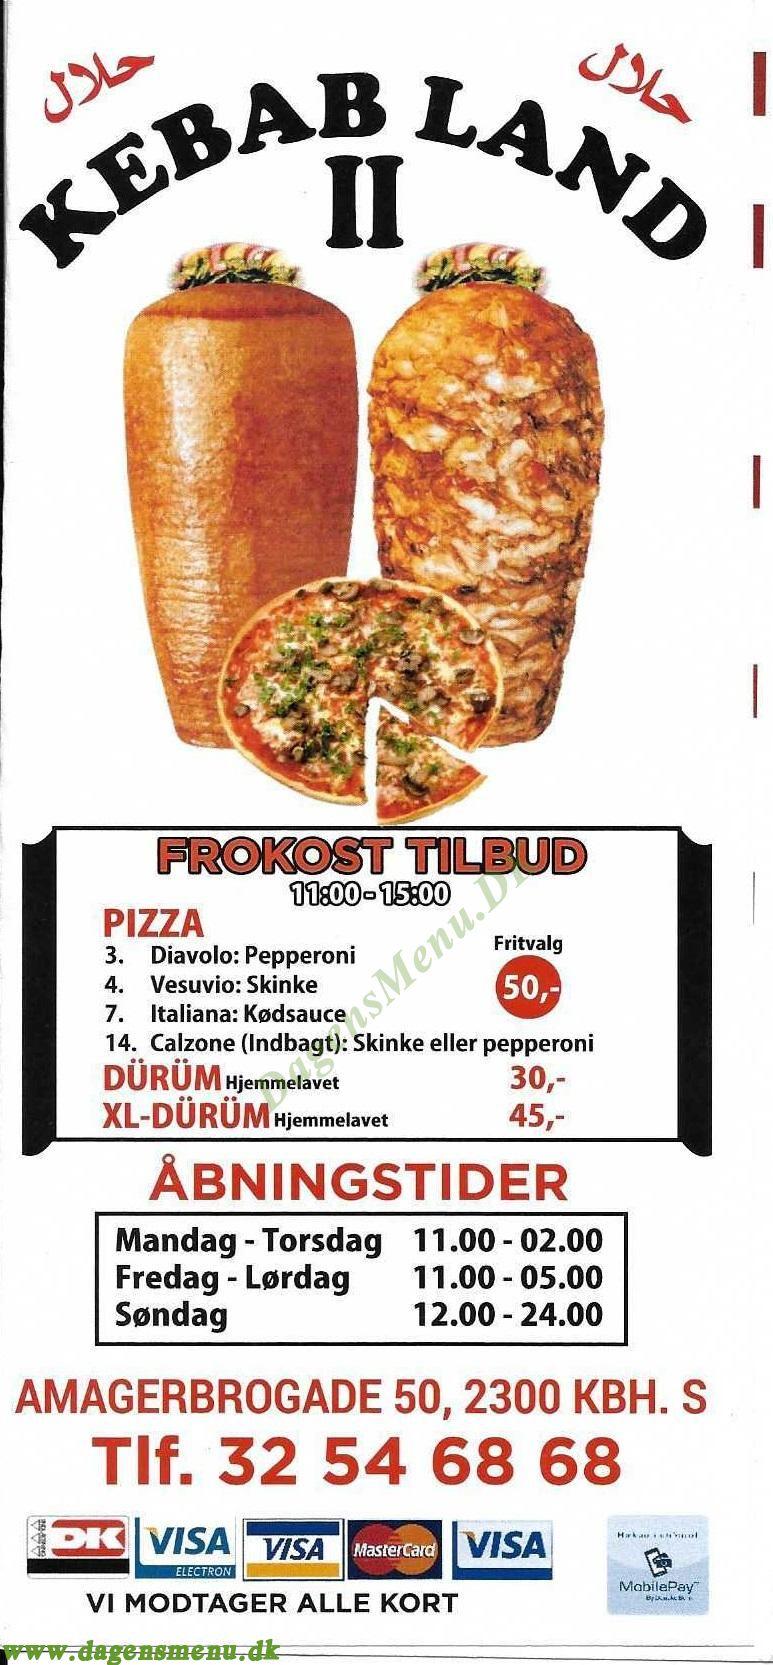 Kebab Land 2 - Menukort